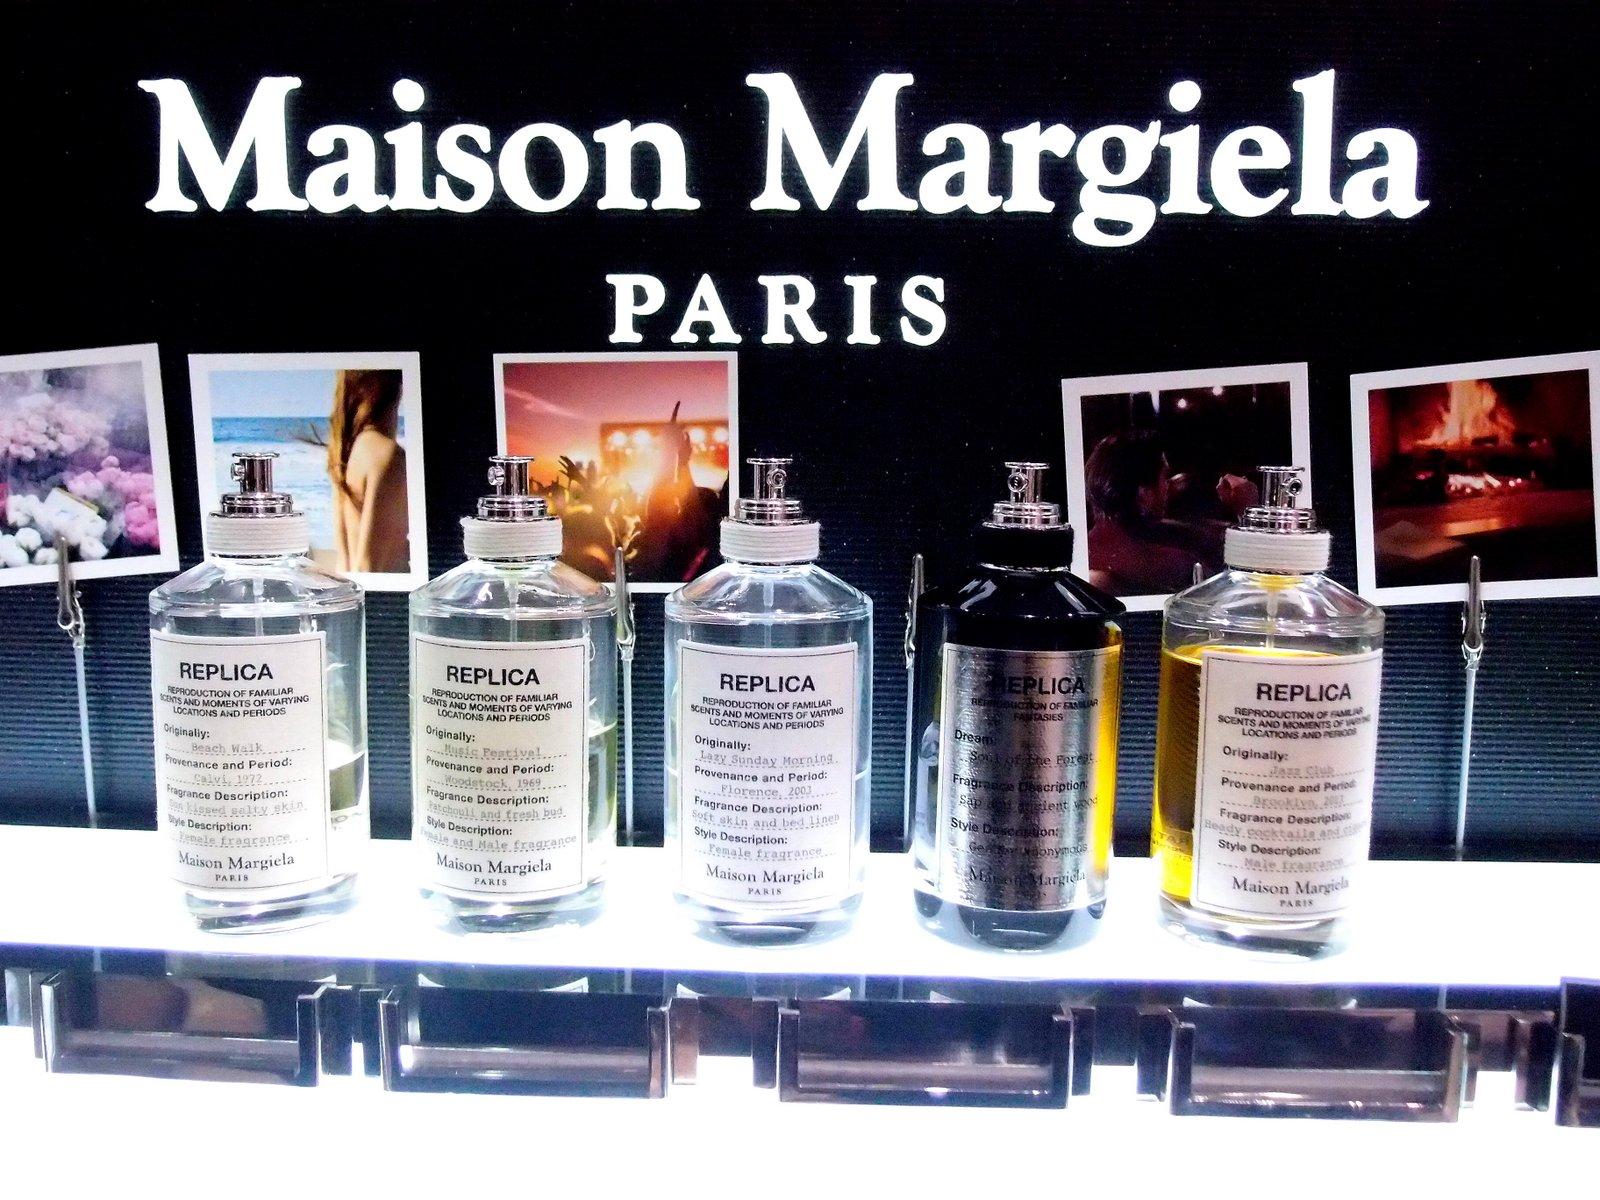 רפליקה מבית מייסון מרג'יאלה ,Replica by Maison Margiela